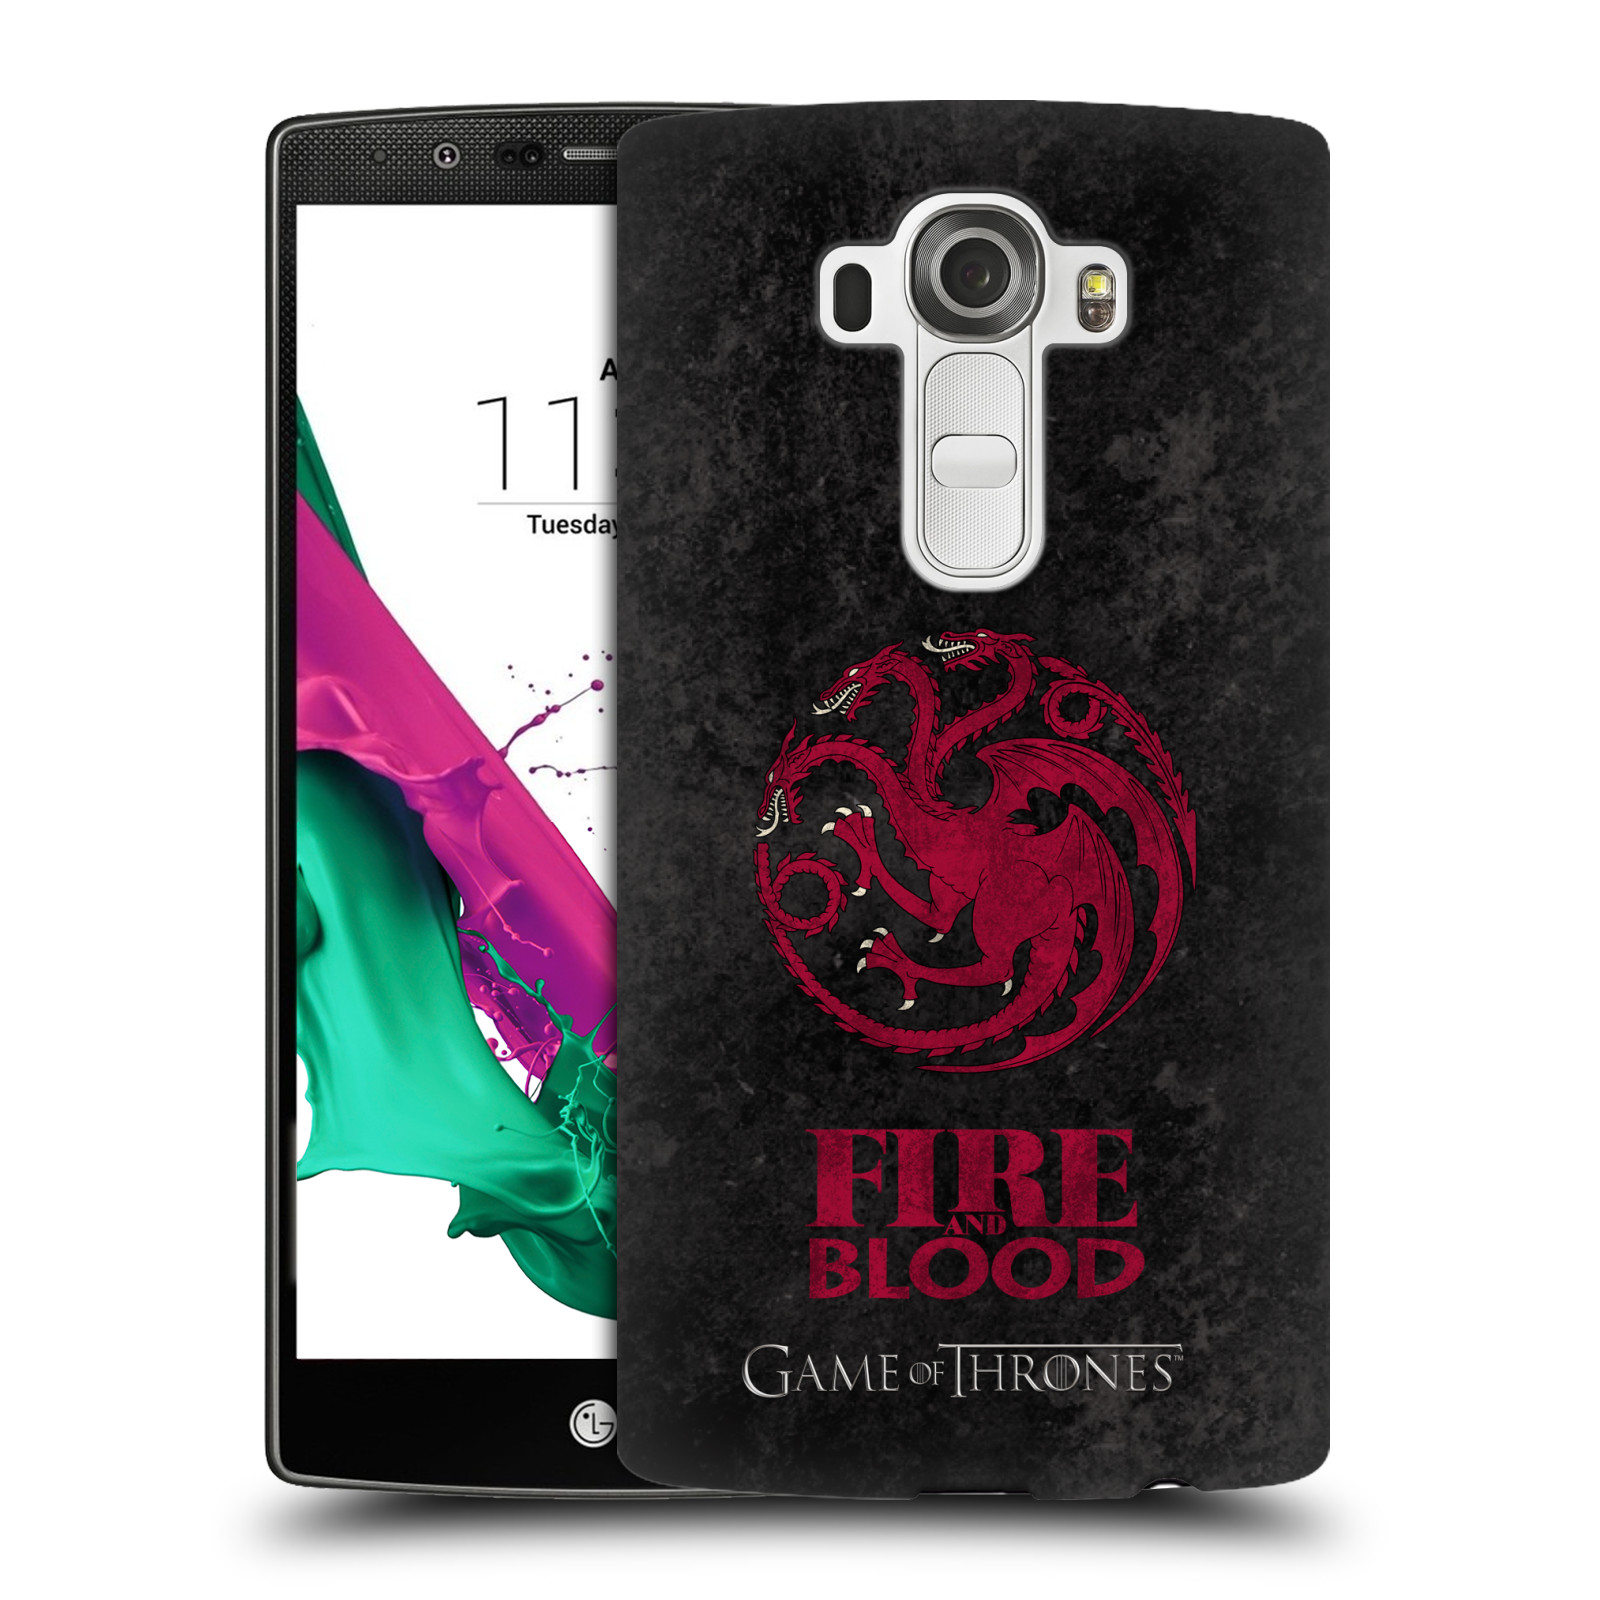 Plastové pouzdro na mobil LG G4 HEAD CASE Hra o trůny - Sigils Targaryen - Fire and Blood (Plastový kryt či obal na mobilní telefon s licencovaným motivem Hra o trůny - Game Of Thrones pro LG G4)